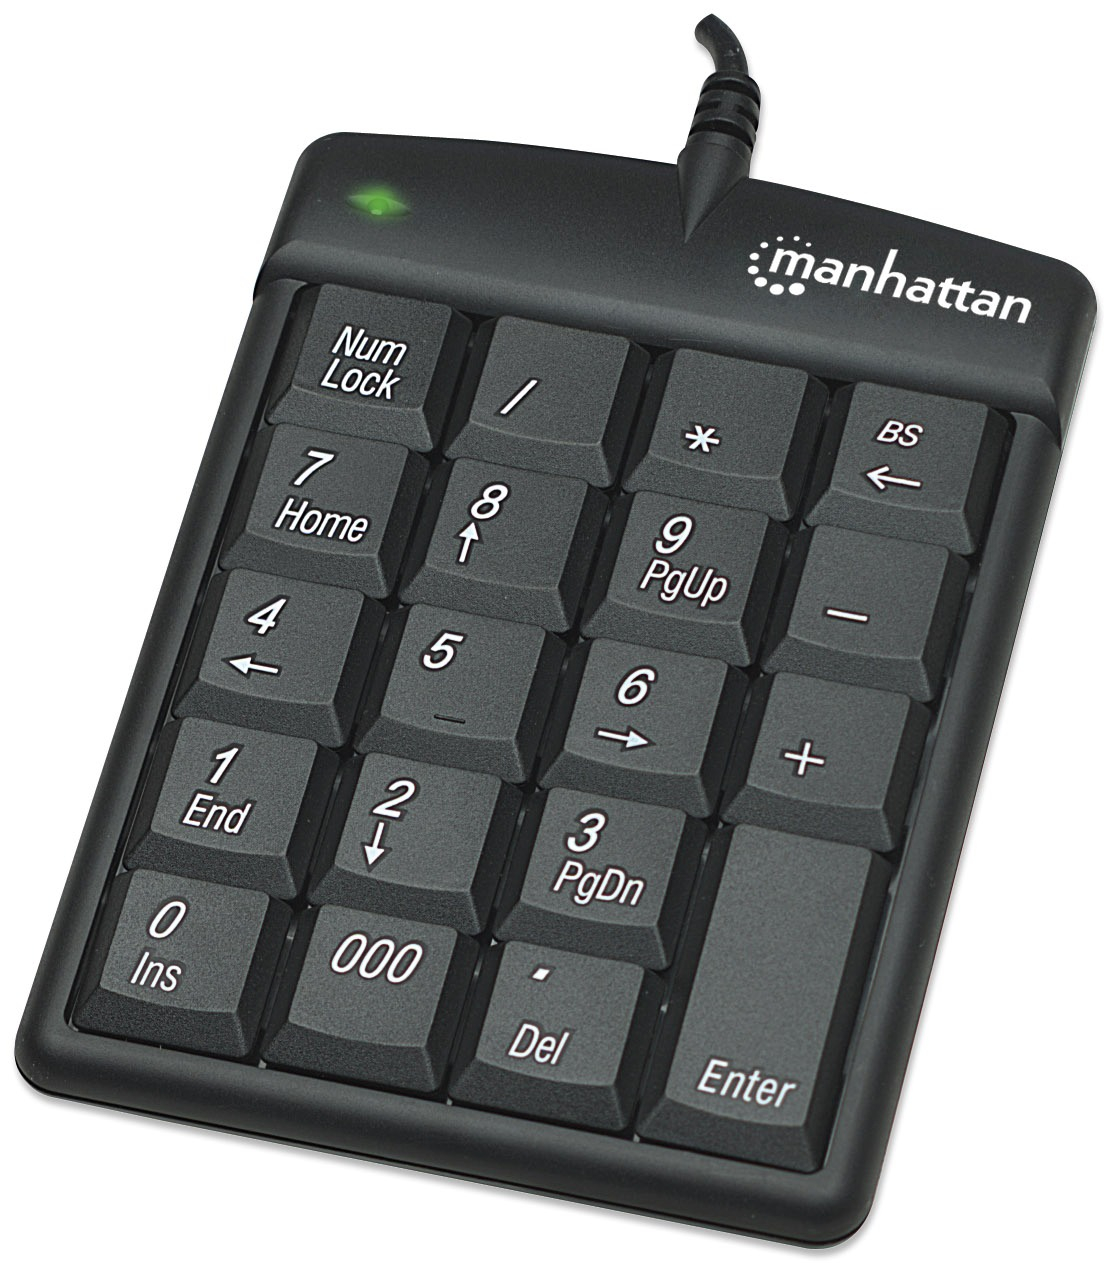 Tastatura numerica USB 2.0 176354, Manhattan